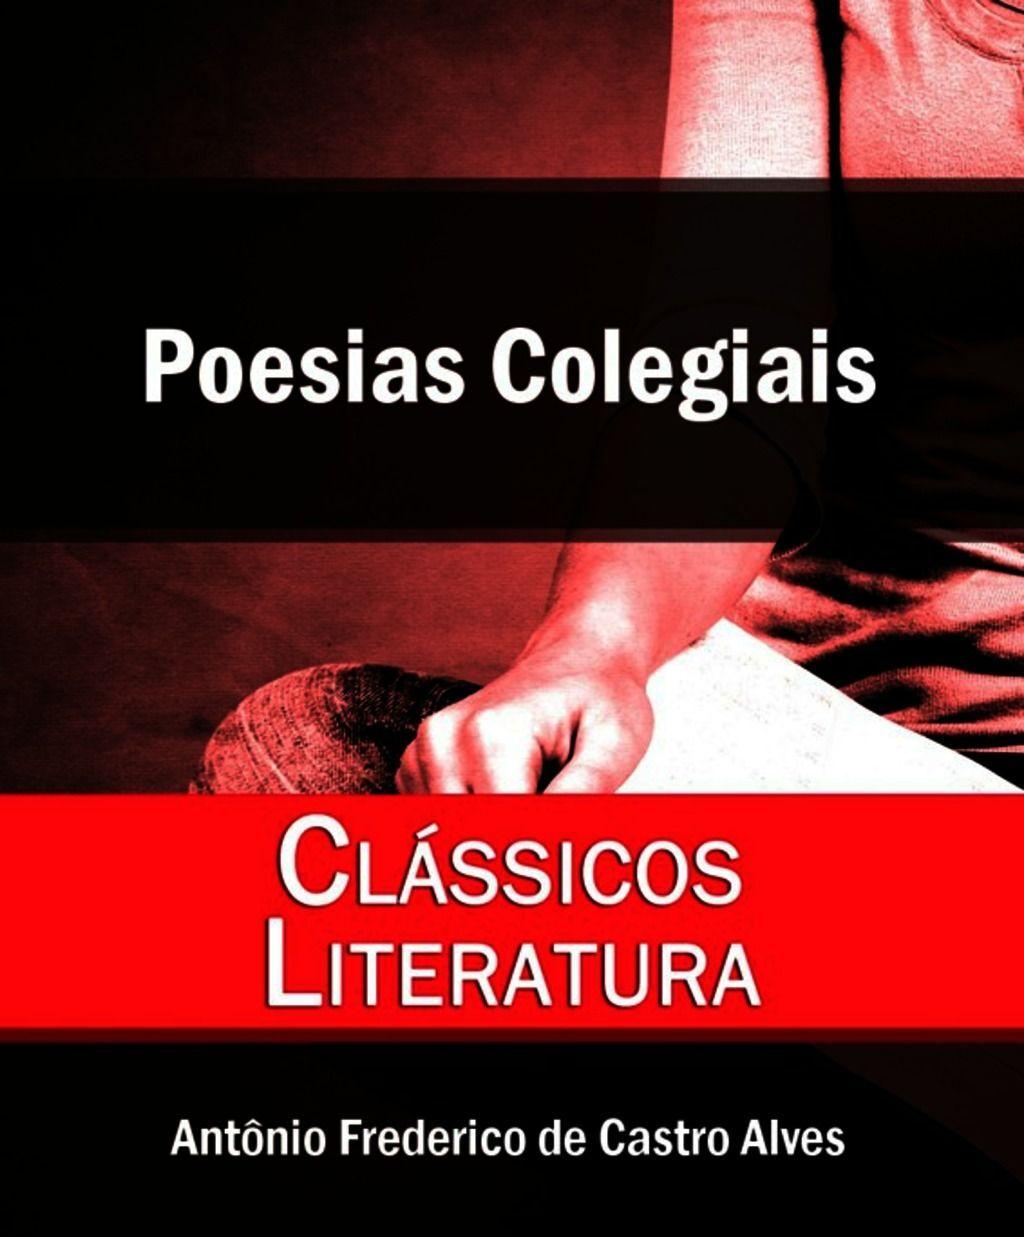 Poesias Colegiais